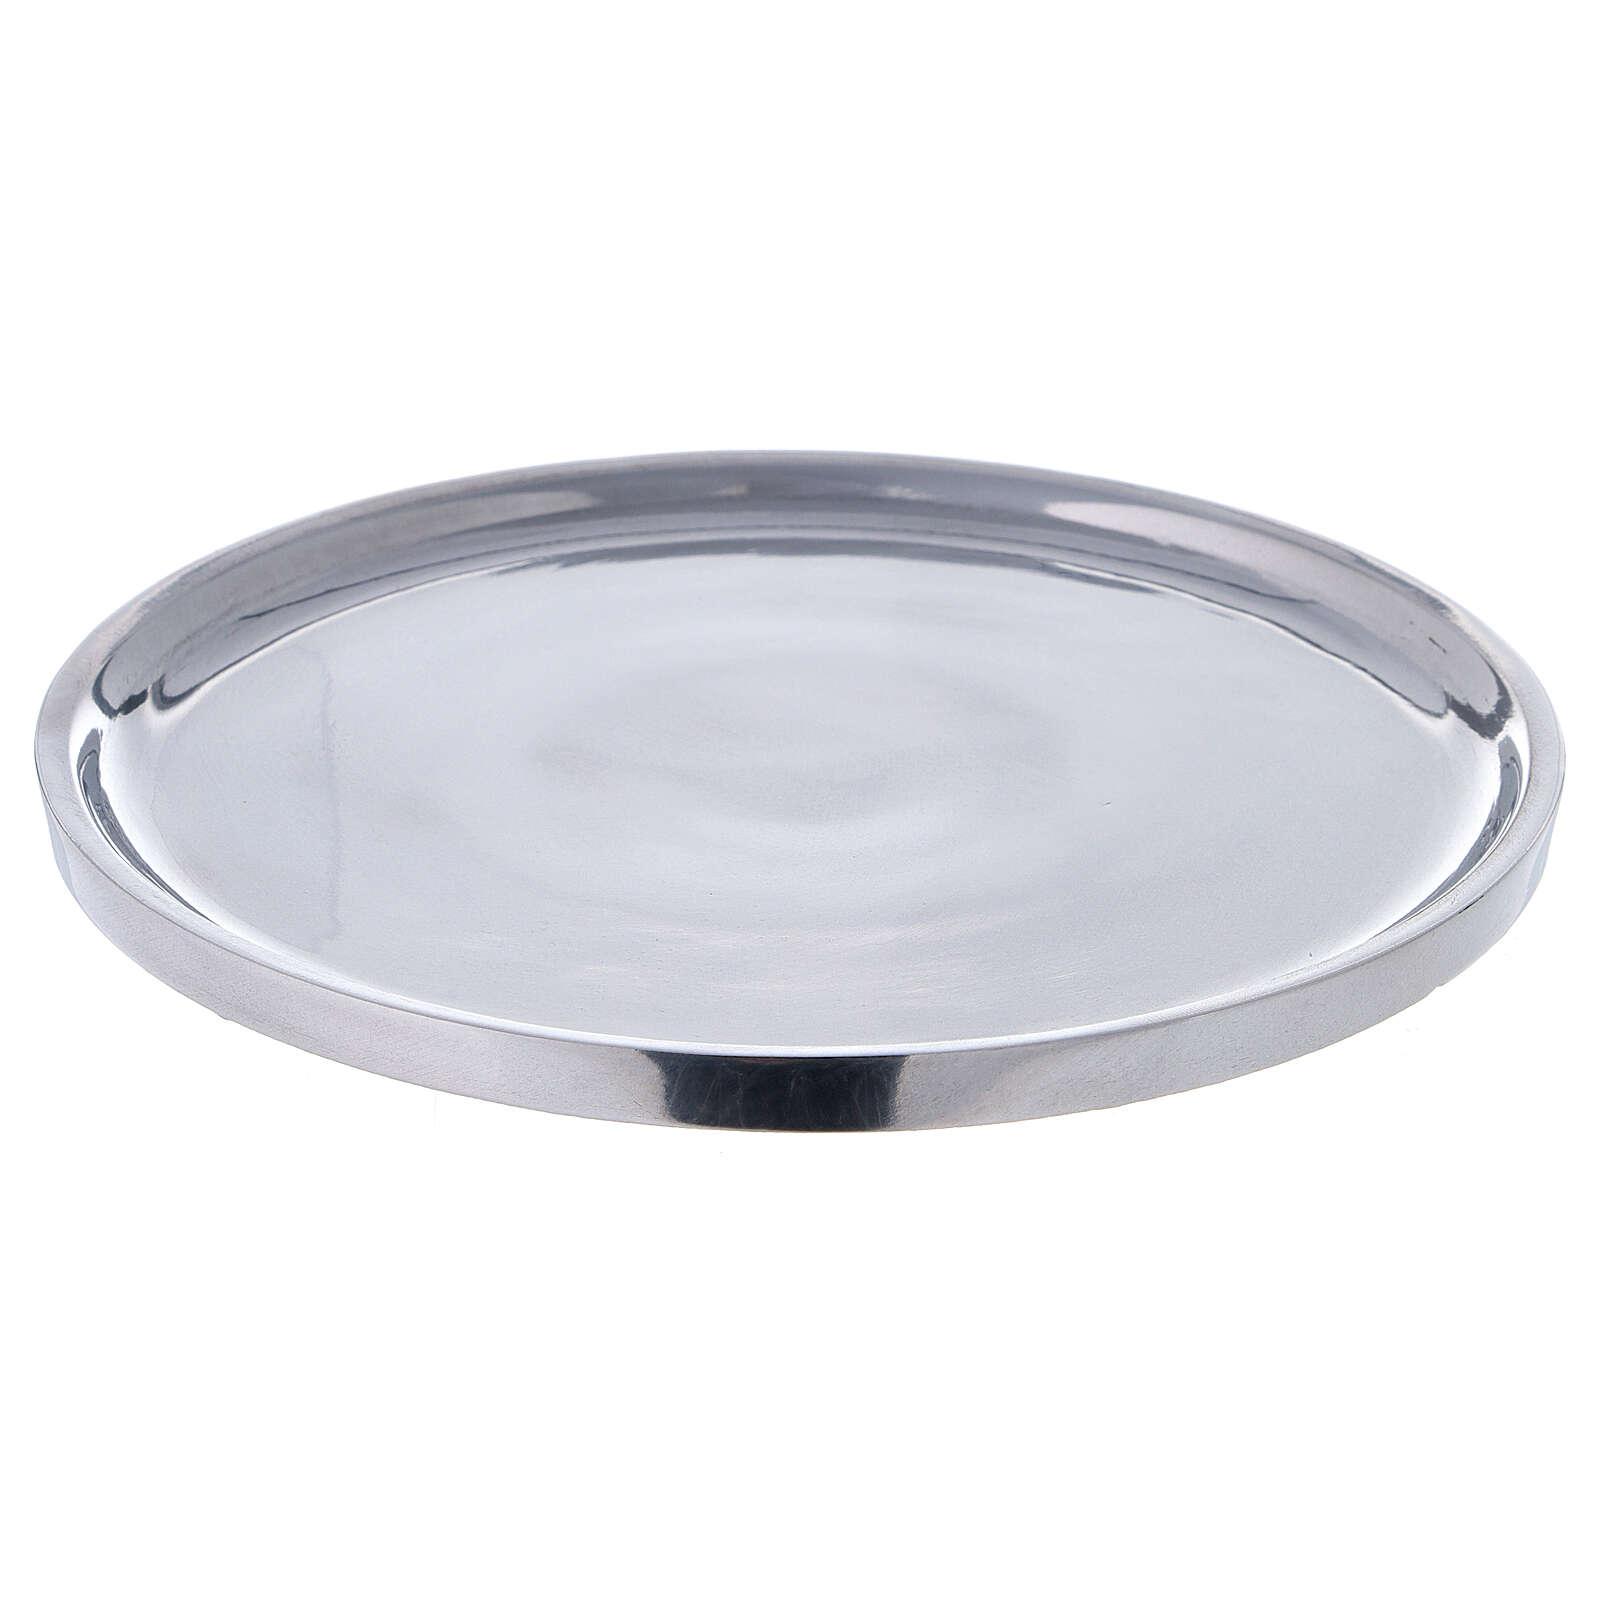 Piatto per candela alluminio lucido 19 cm 3